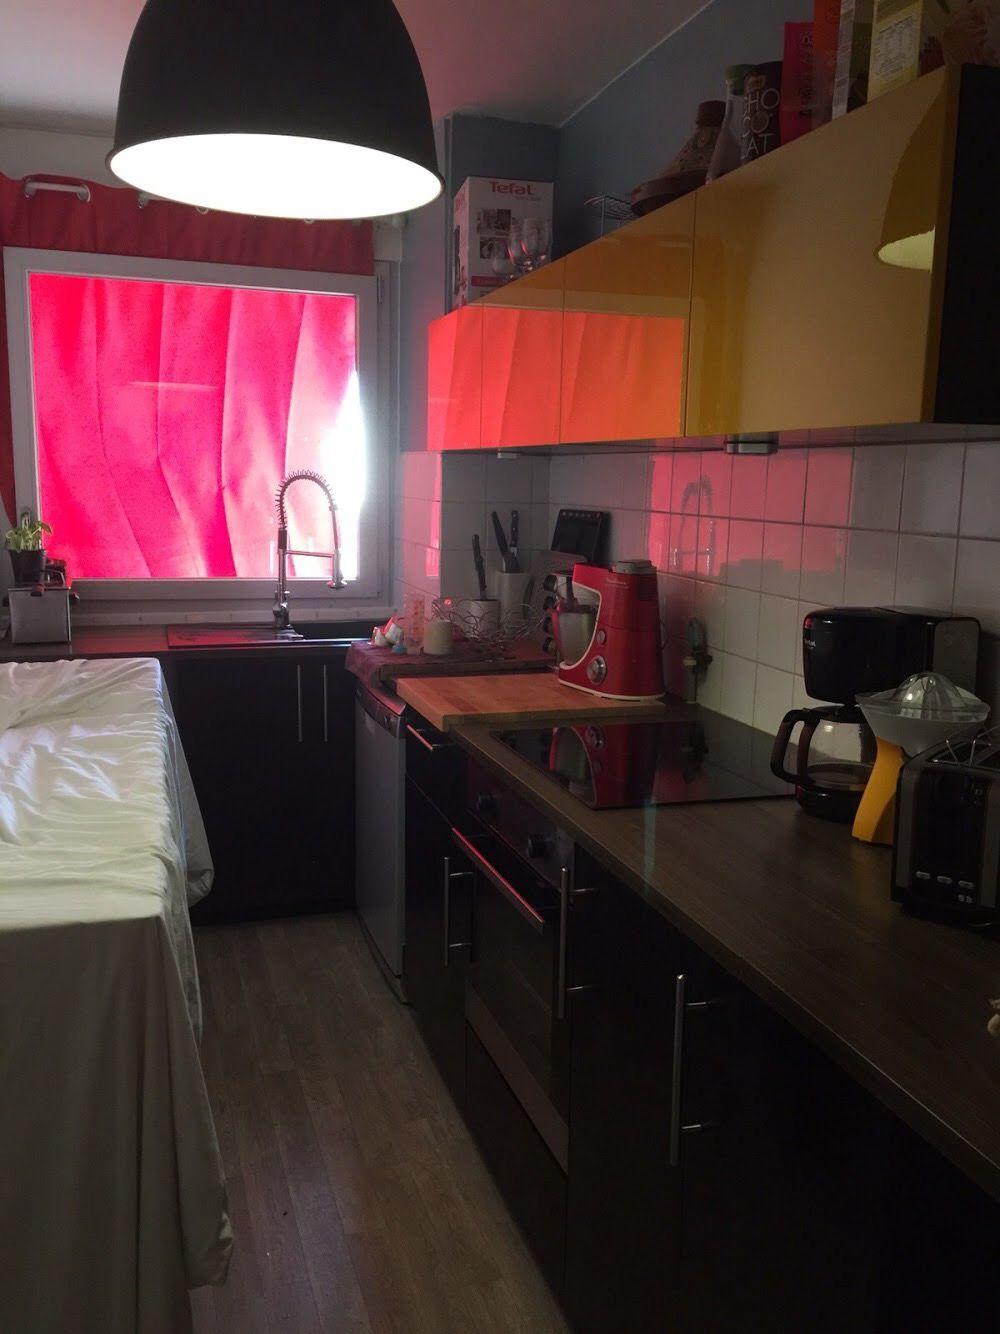 Cuisine-Colocation Paris 20ème arrondissement CONTRESERVICES & Location Chambre à louer Paris 20ème arrondissement CONTRESERVICES | Loue chambre meublée Paris 20ème arrondissement CONTRESERVICES | Logement Paris 20ème arrondissement CONTRESERVICES